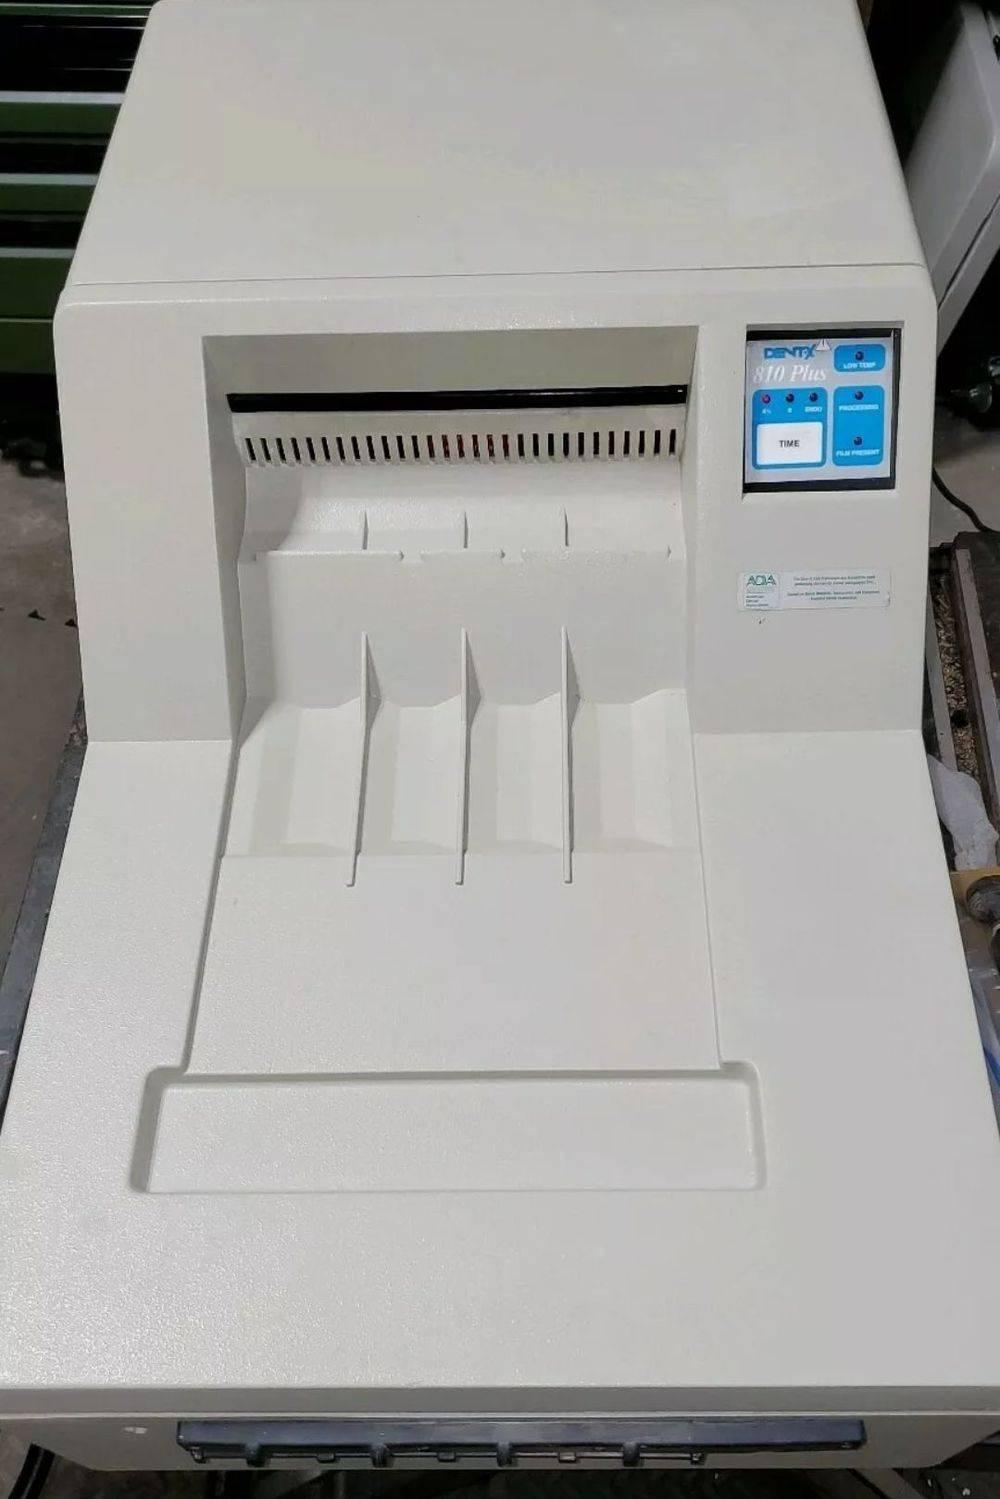 AFP Dent-X 810Plus